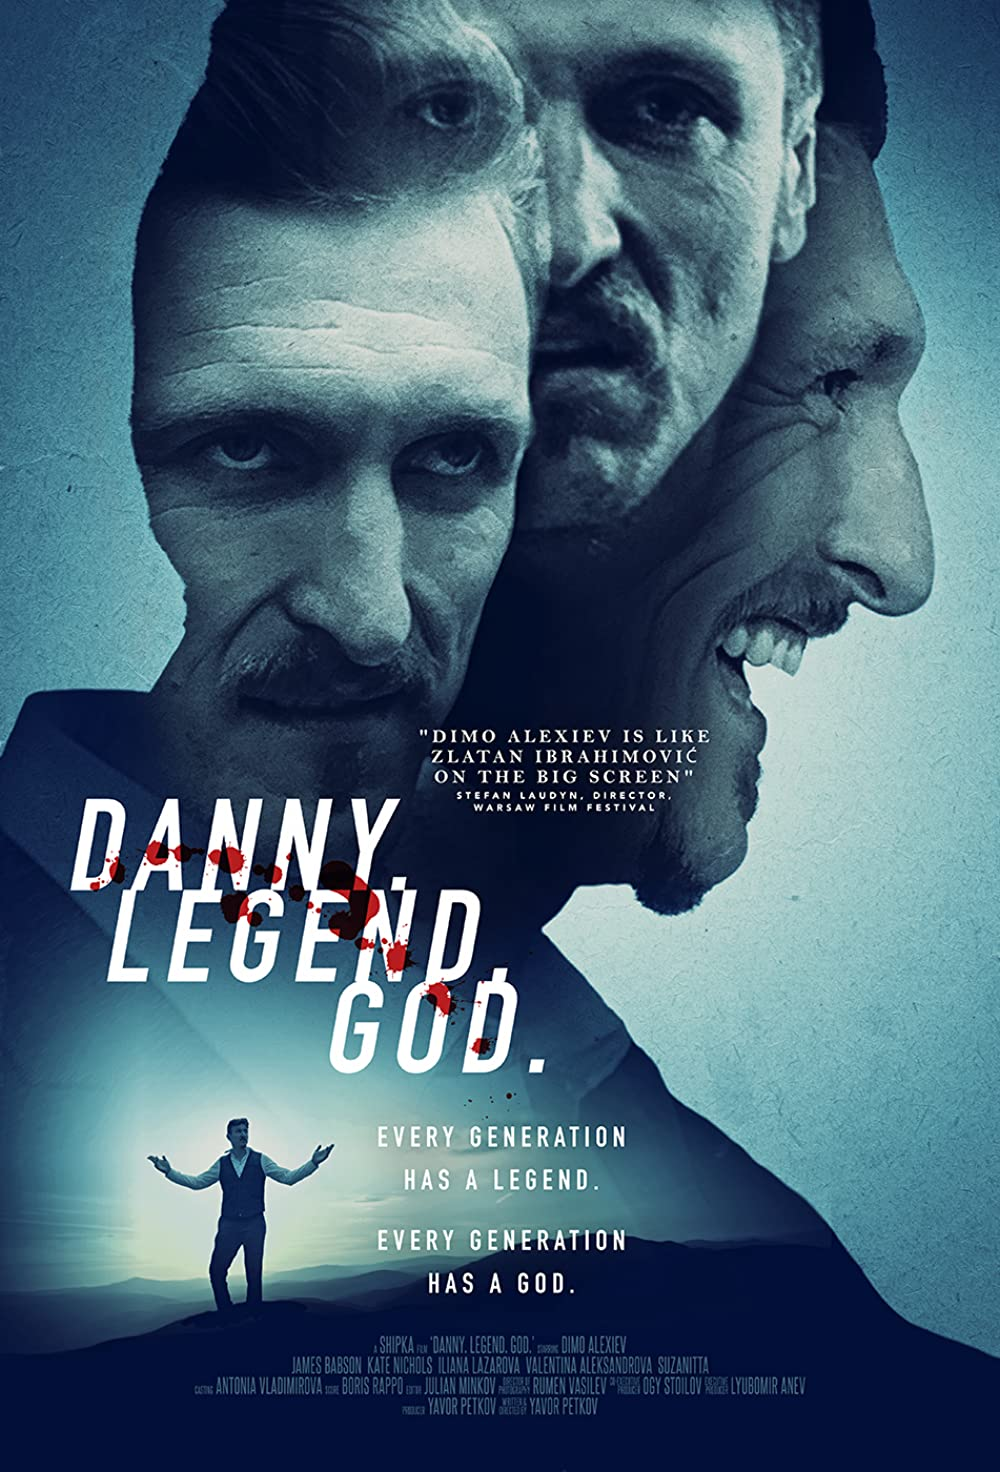 Danny Legend God 2020 English 1080p | 720p | 300MB HDRip ESubs 1.8GB | 798MB Download